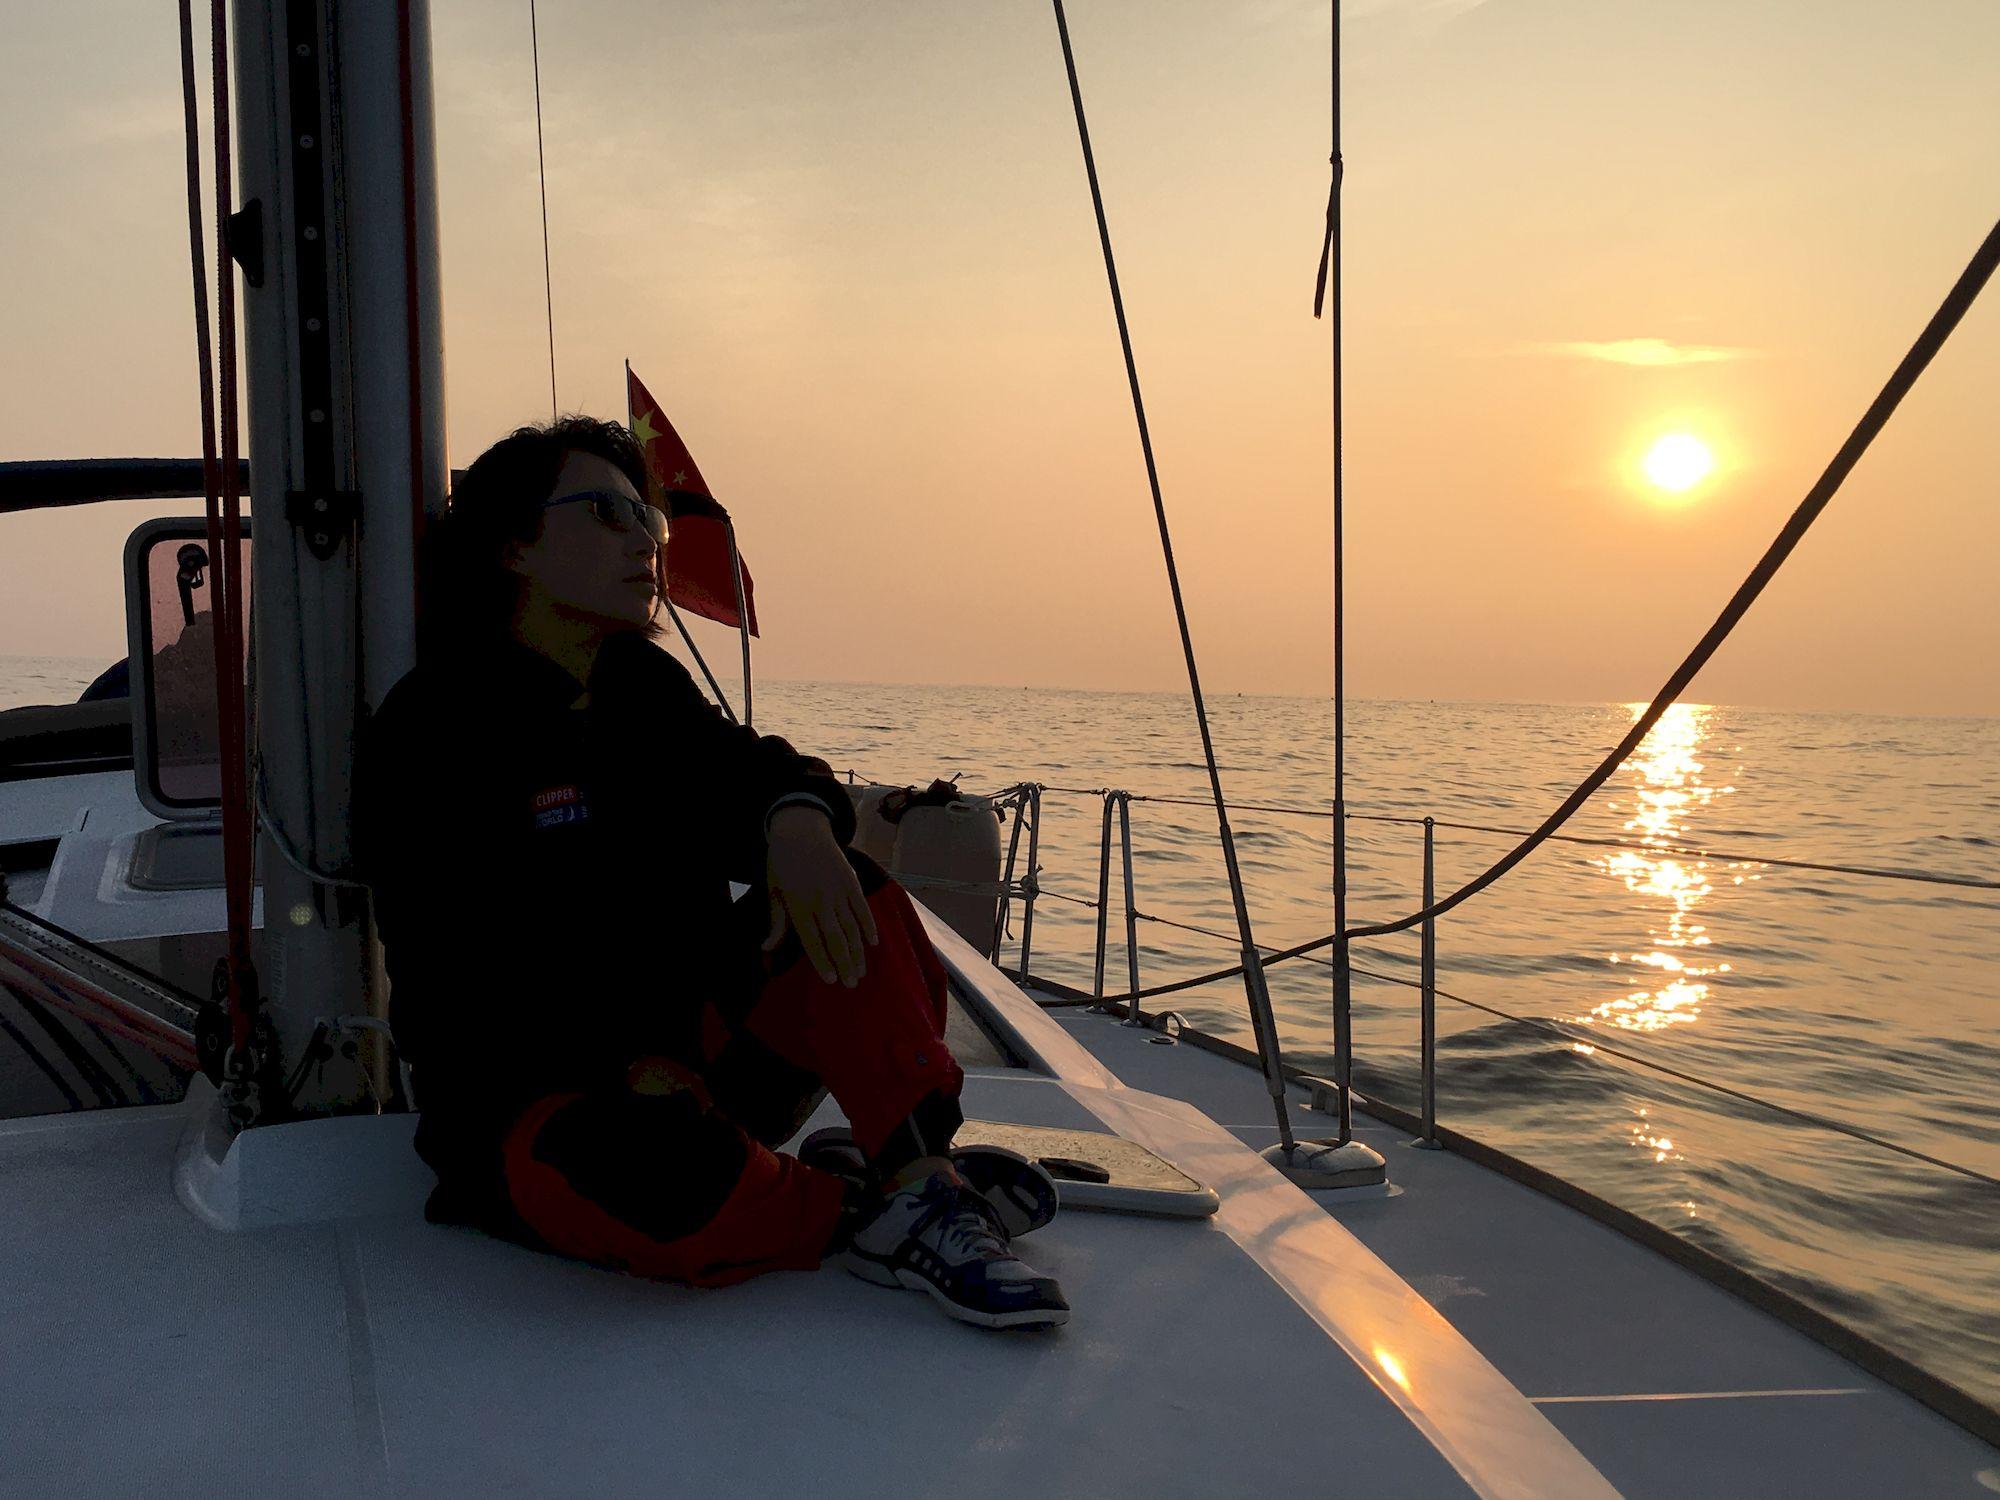 022-IMG_3077_千帆俱乐部我要航海网帆船队-2016威海-仁川国际帆船赛.JPG